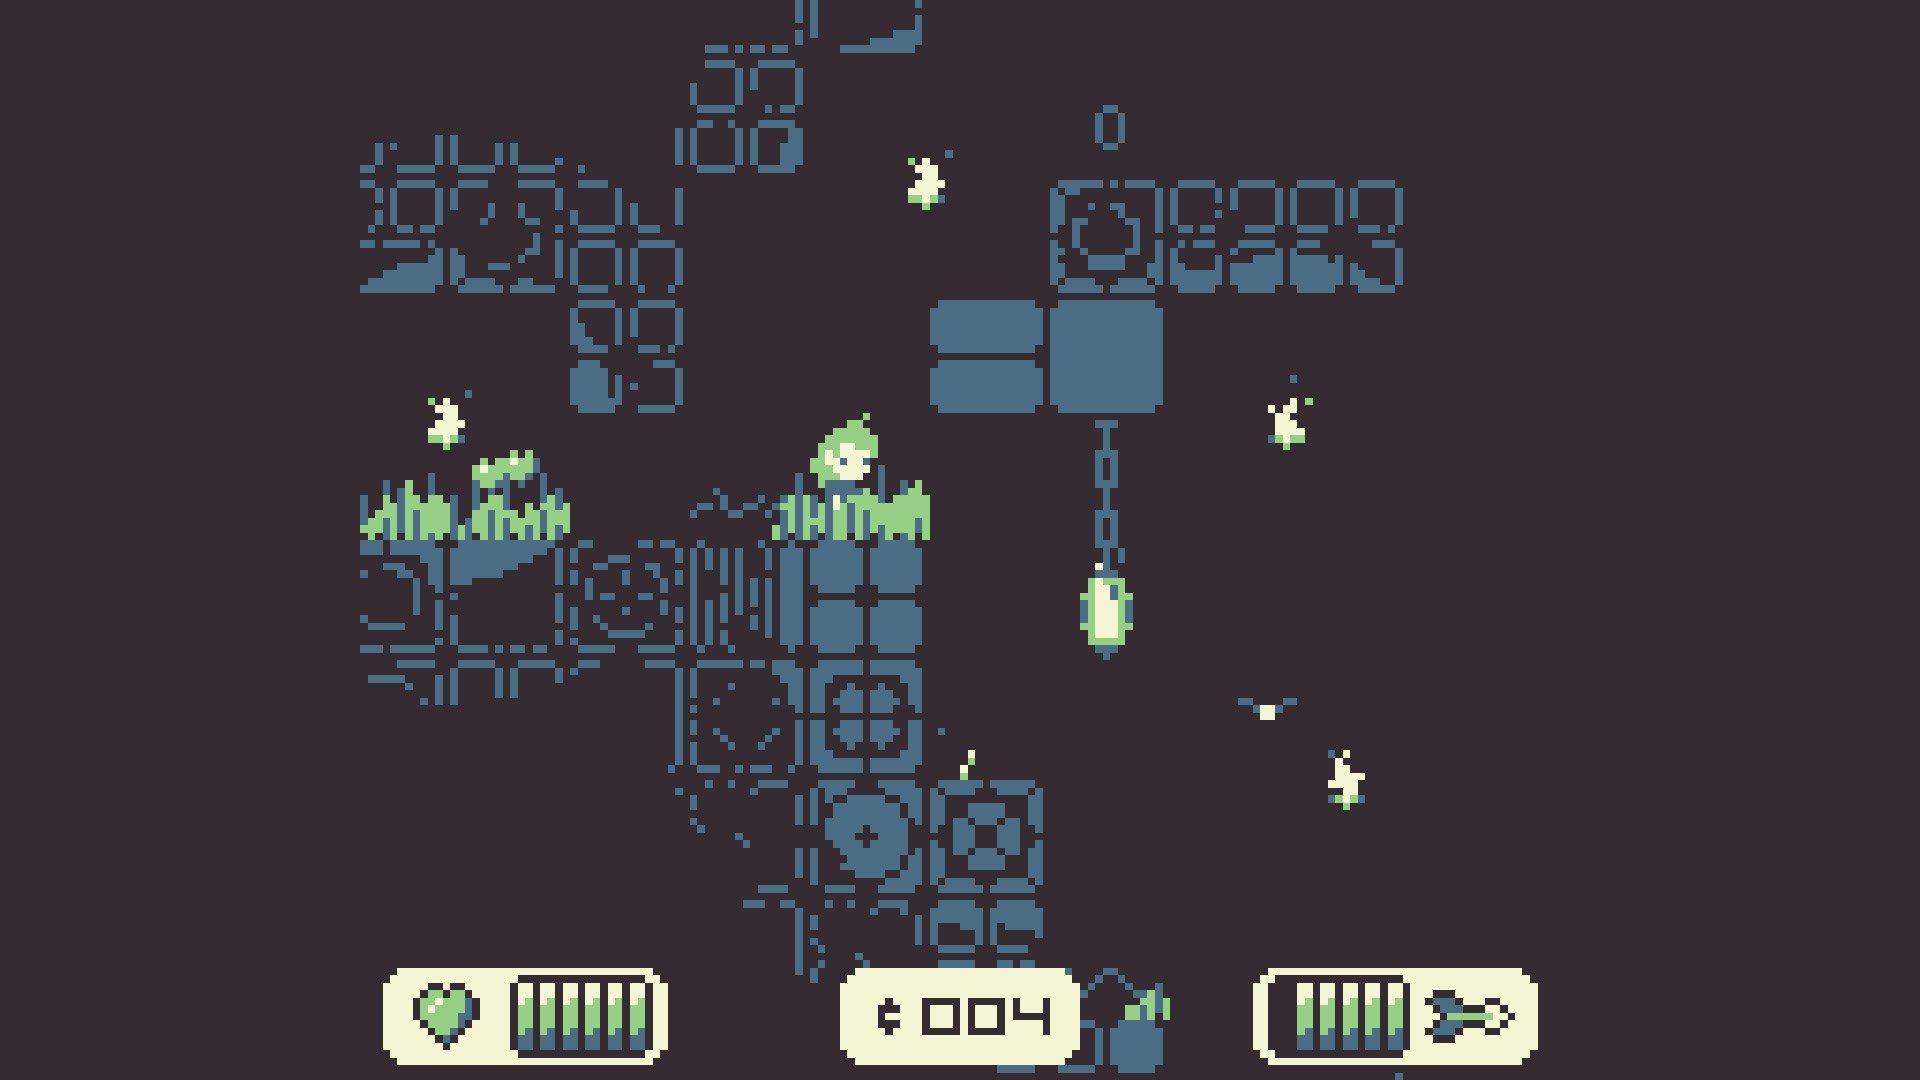 The Indie Mixtape game image